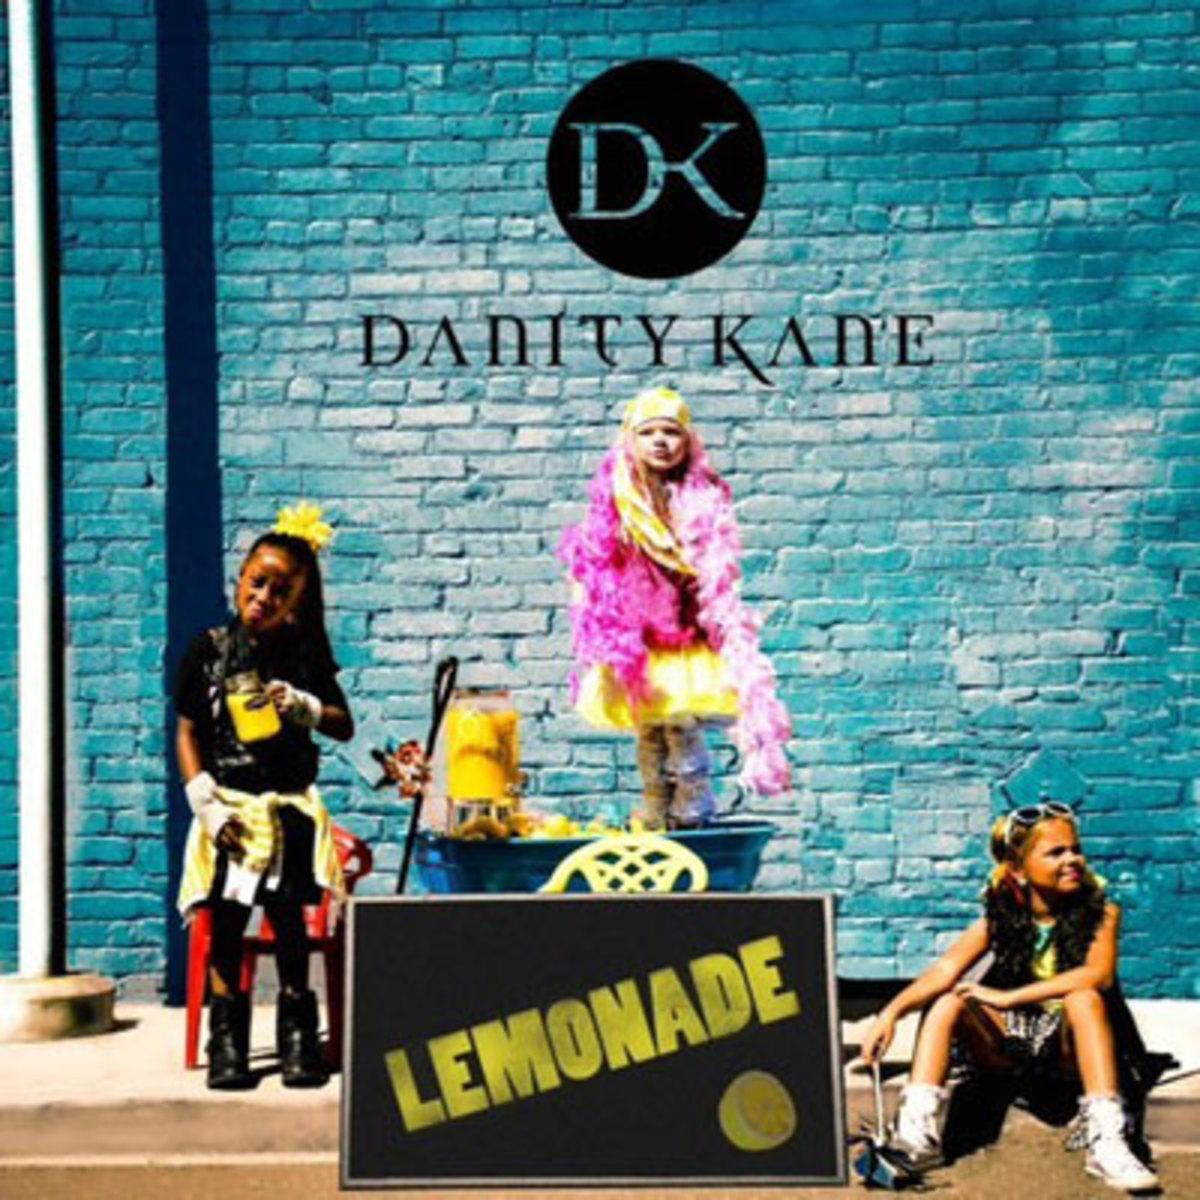 danitykane-lemonade.jpg